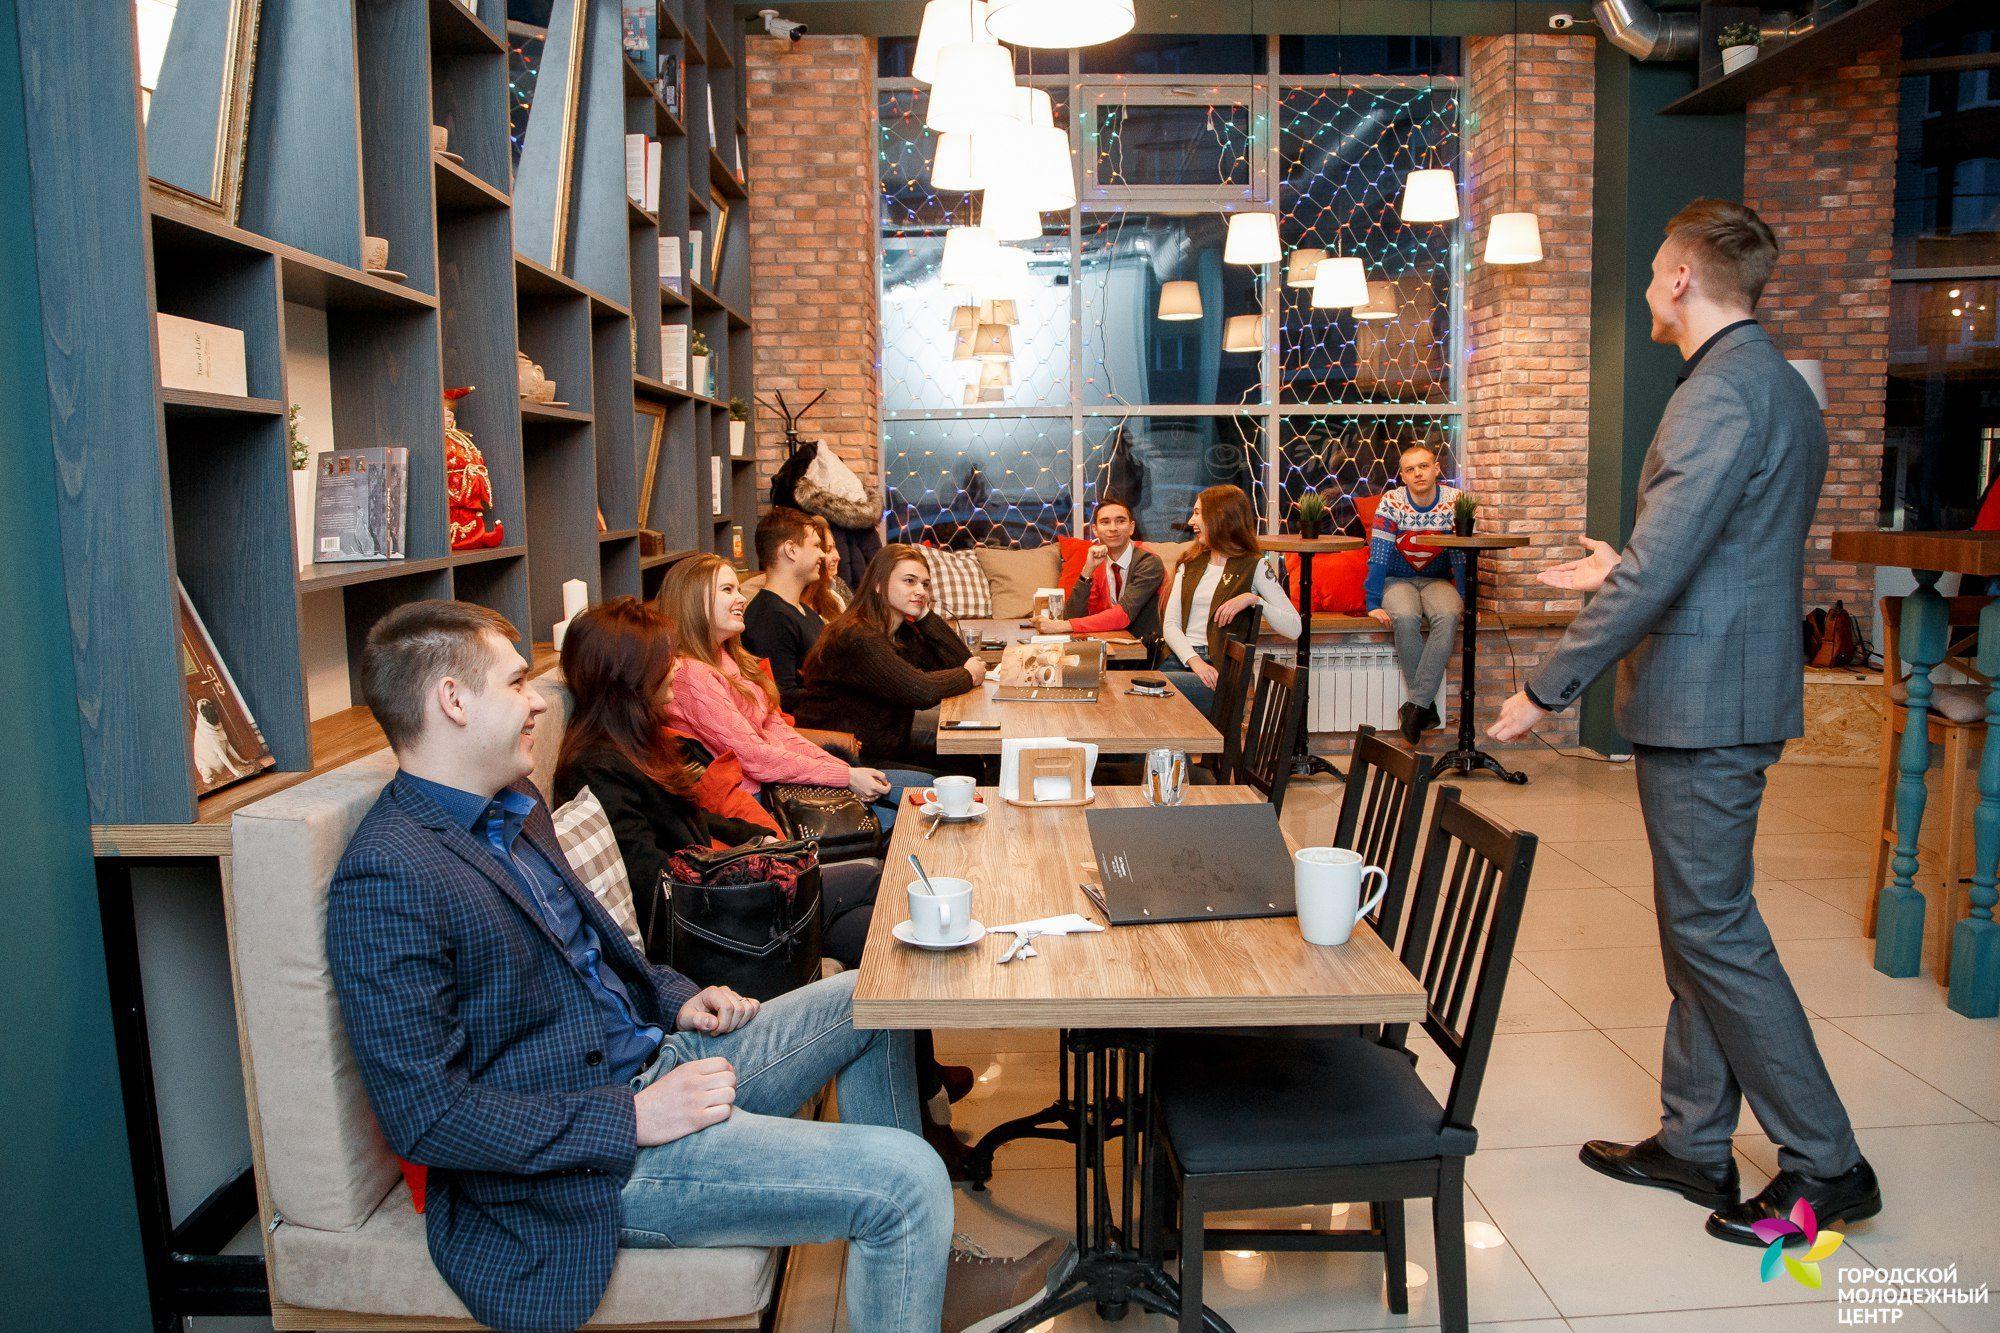 Кофе с лекцией на десерт: как саратовские кафе зарабатывают лояльность посетителей